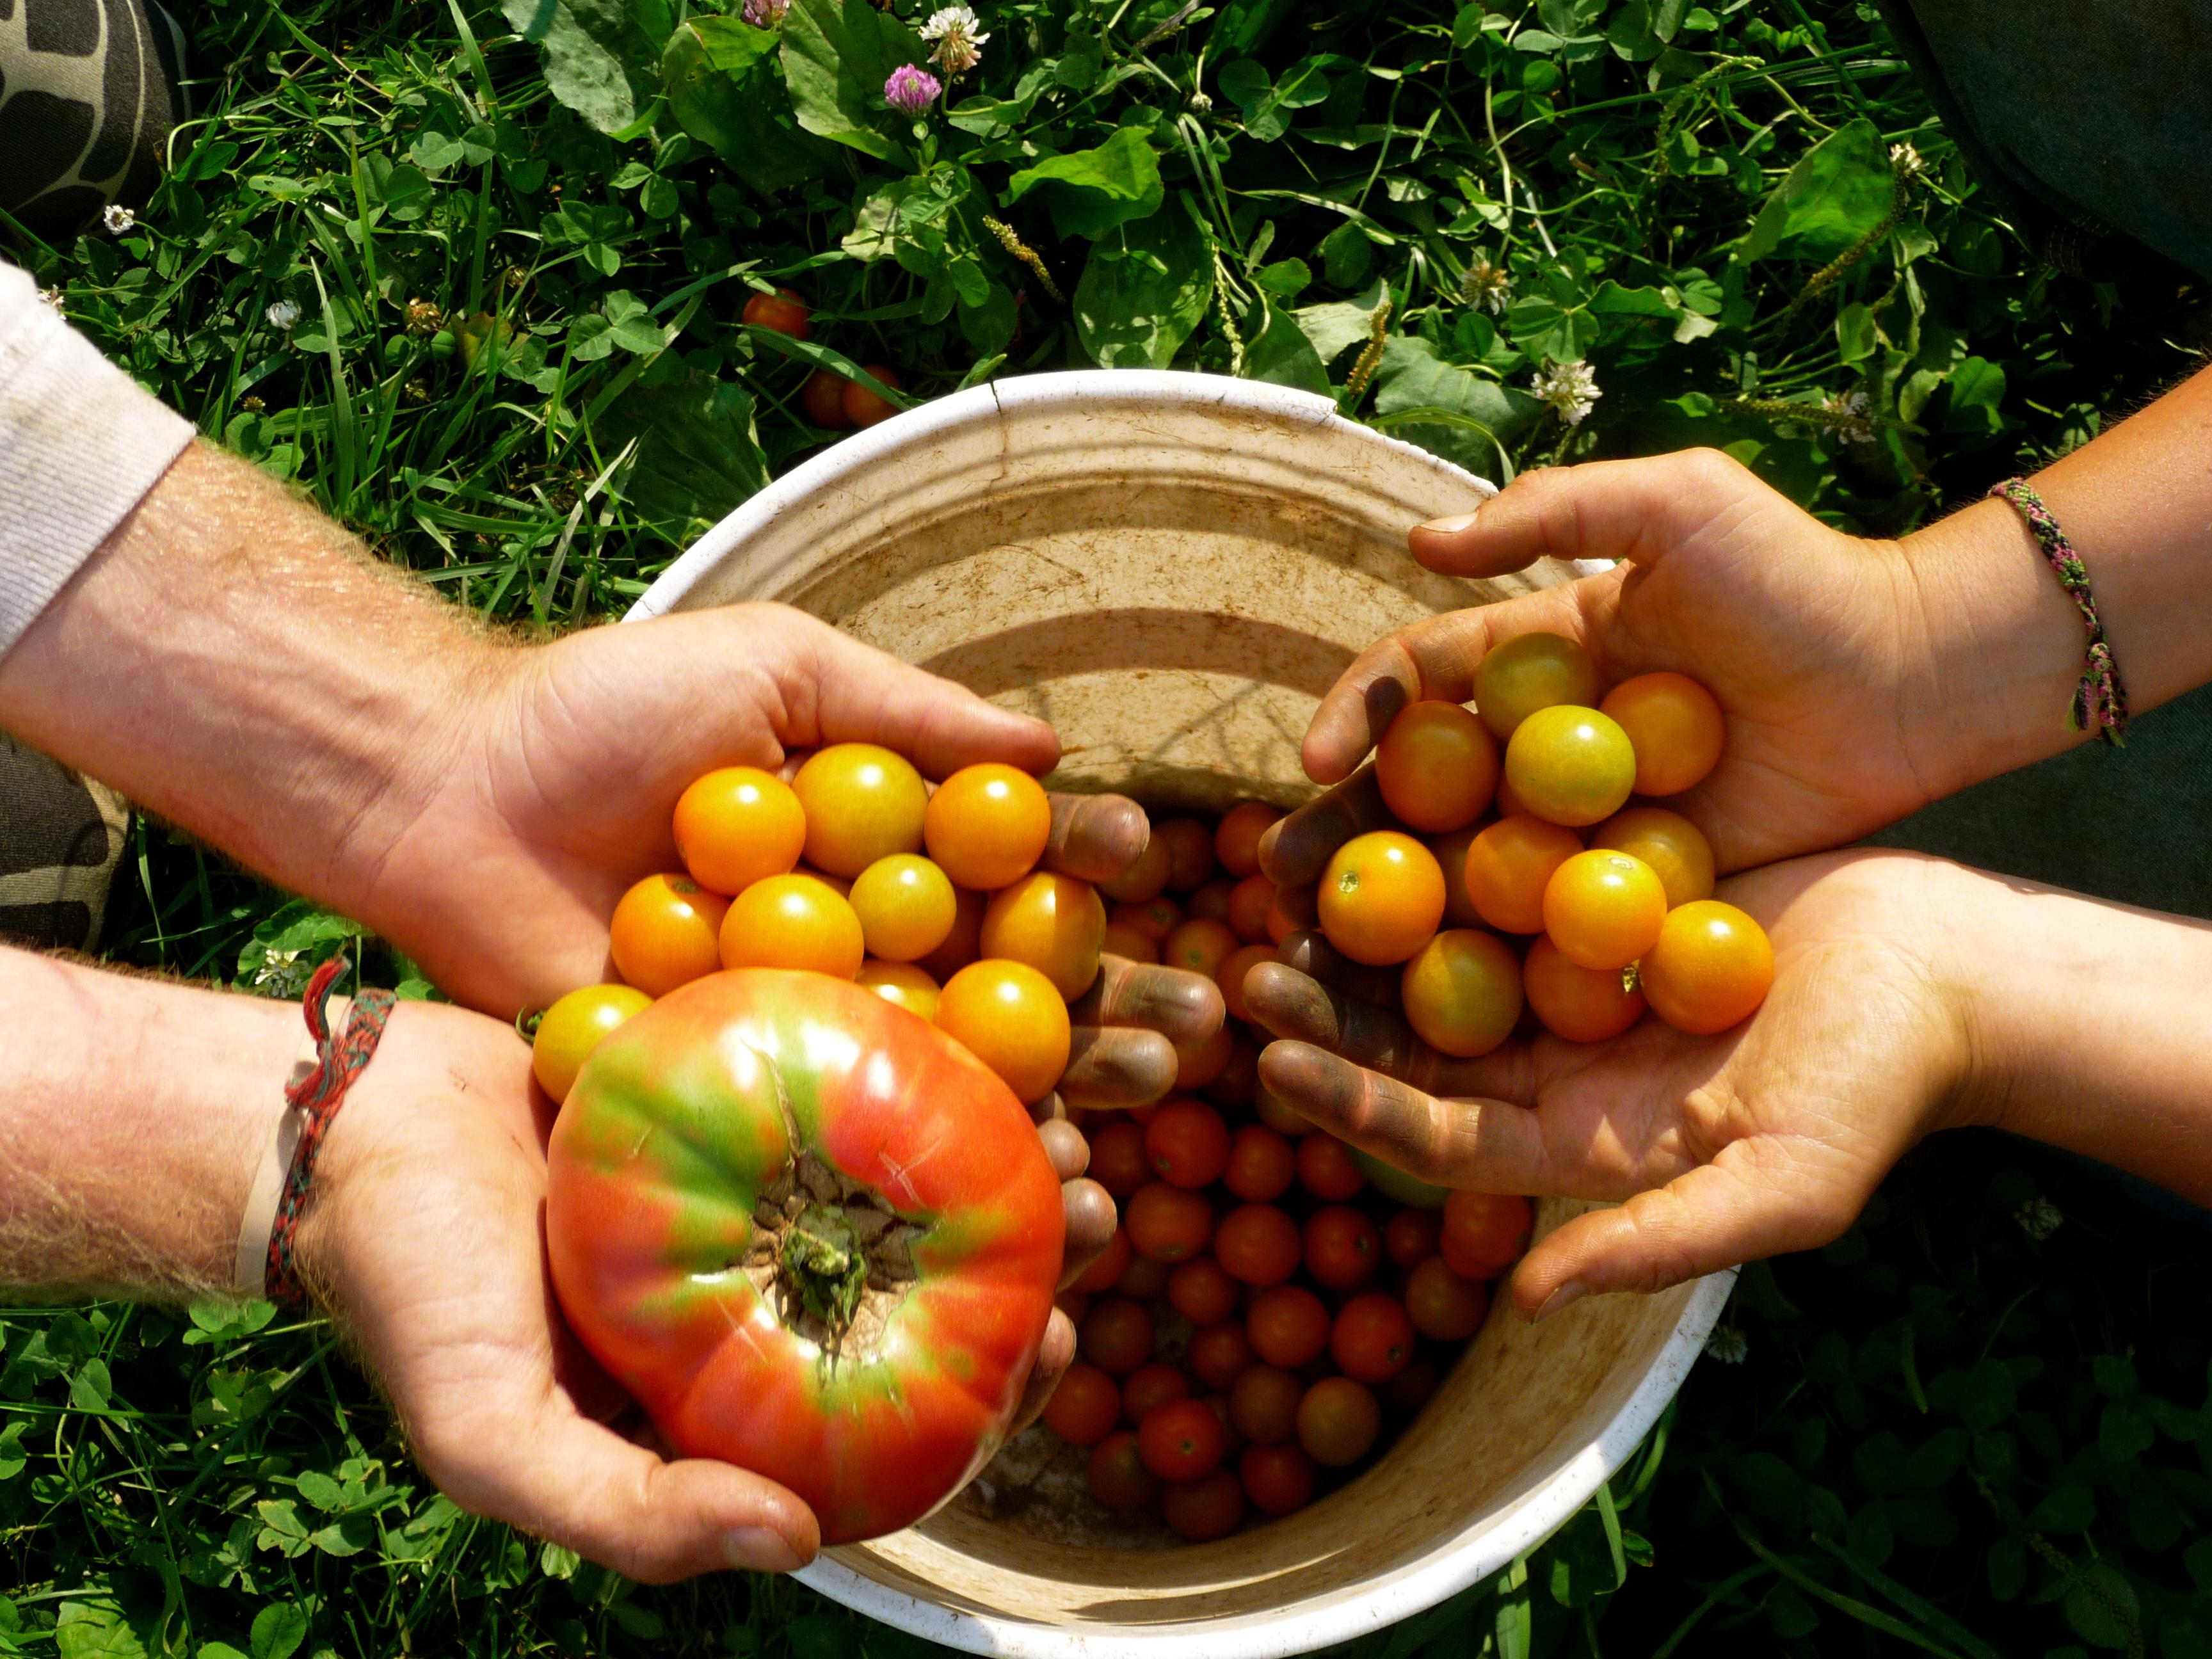 organic vs inorganic farming essay